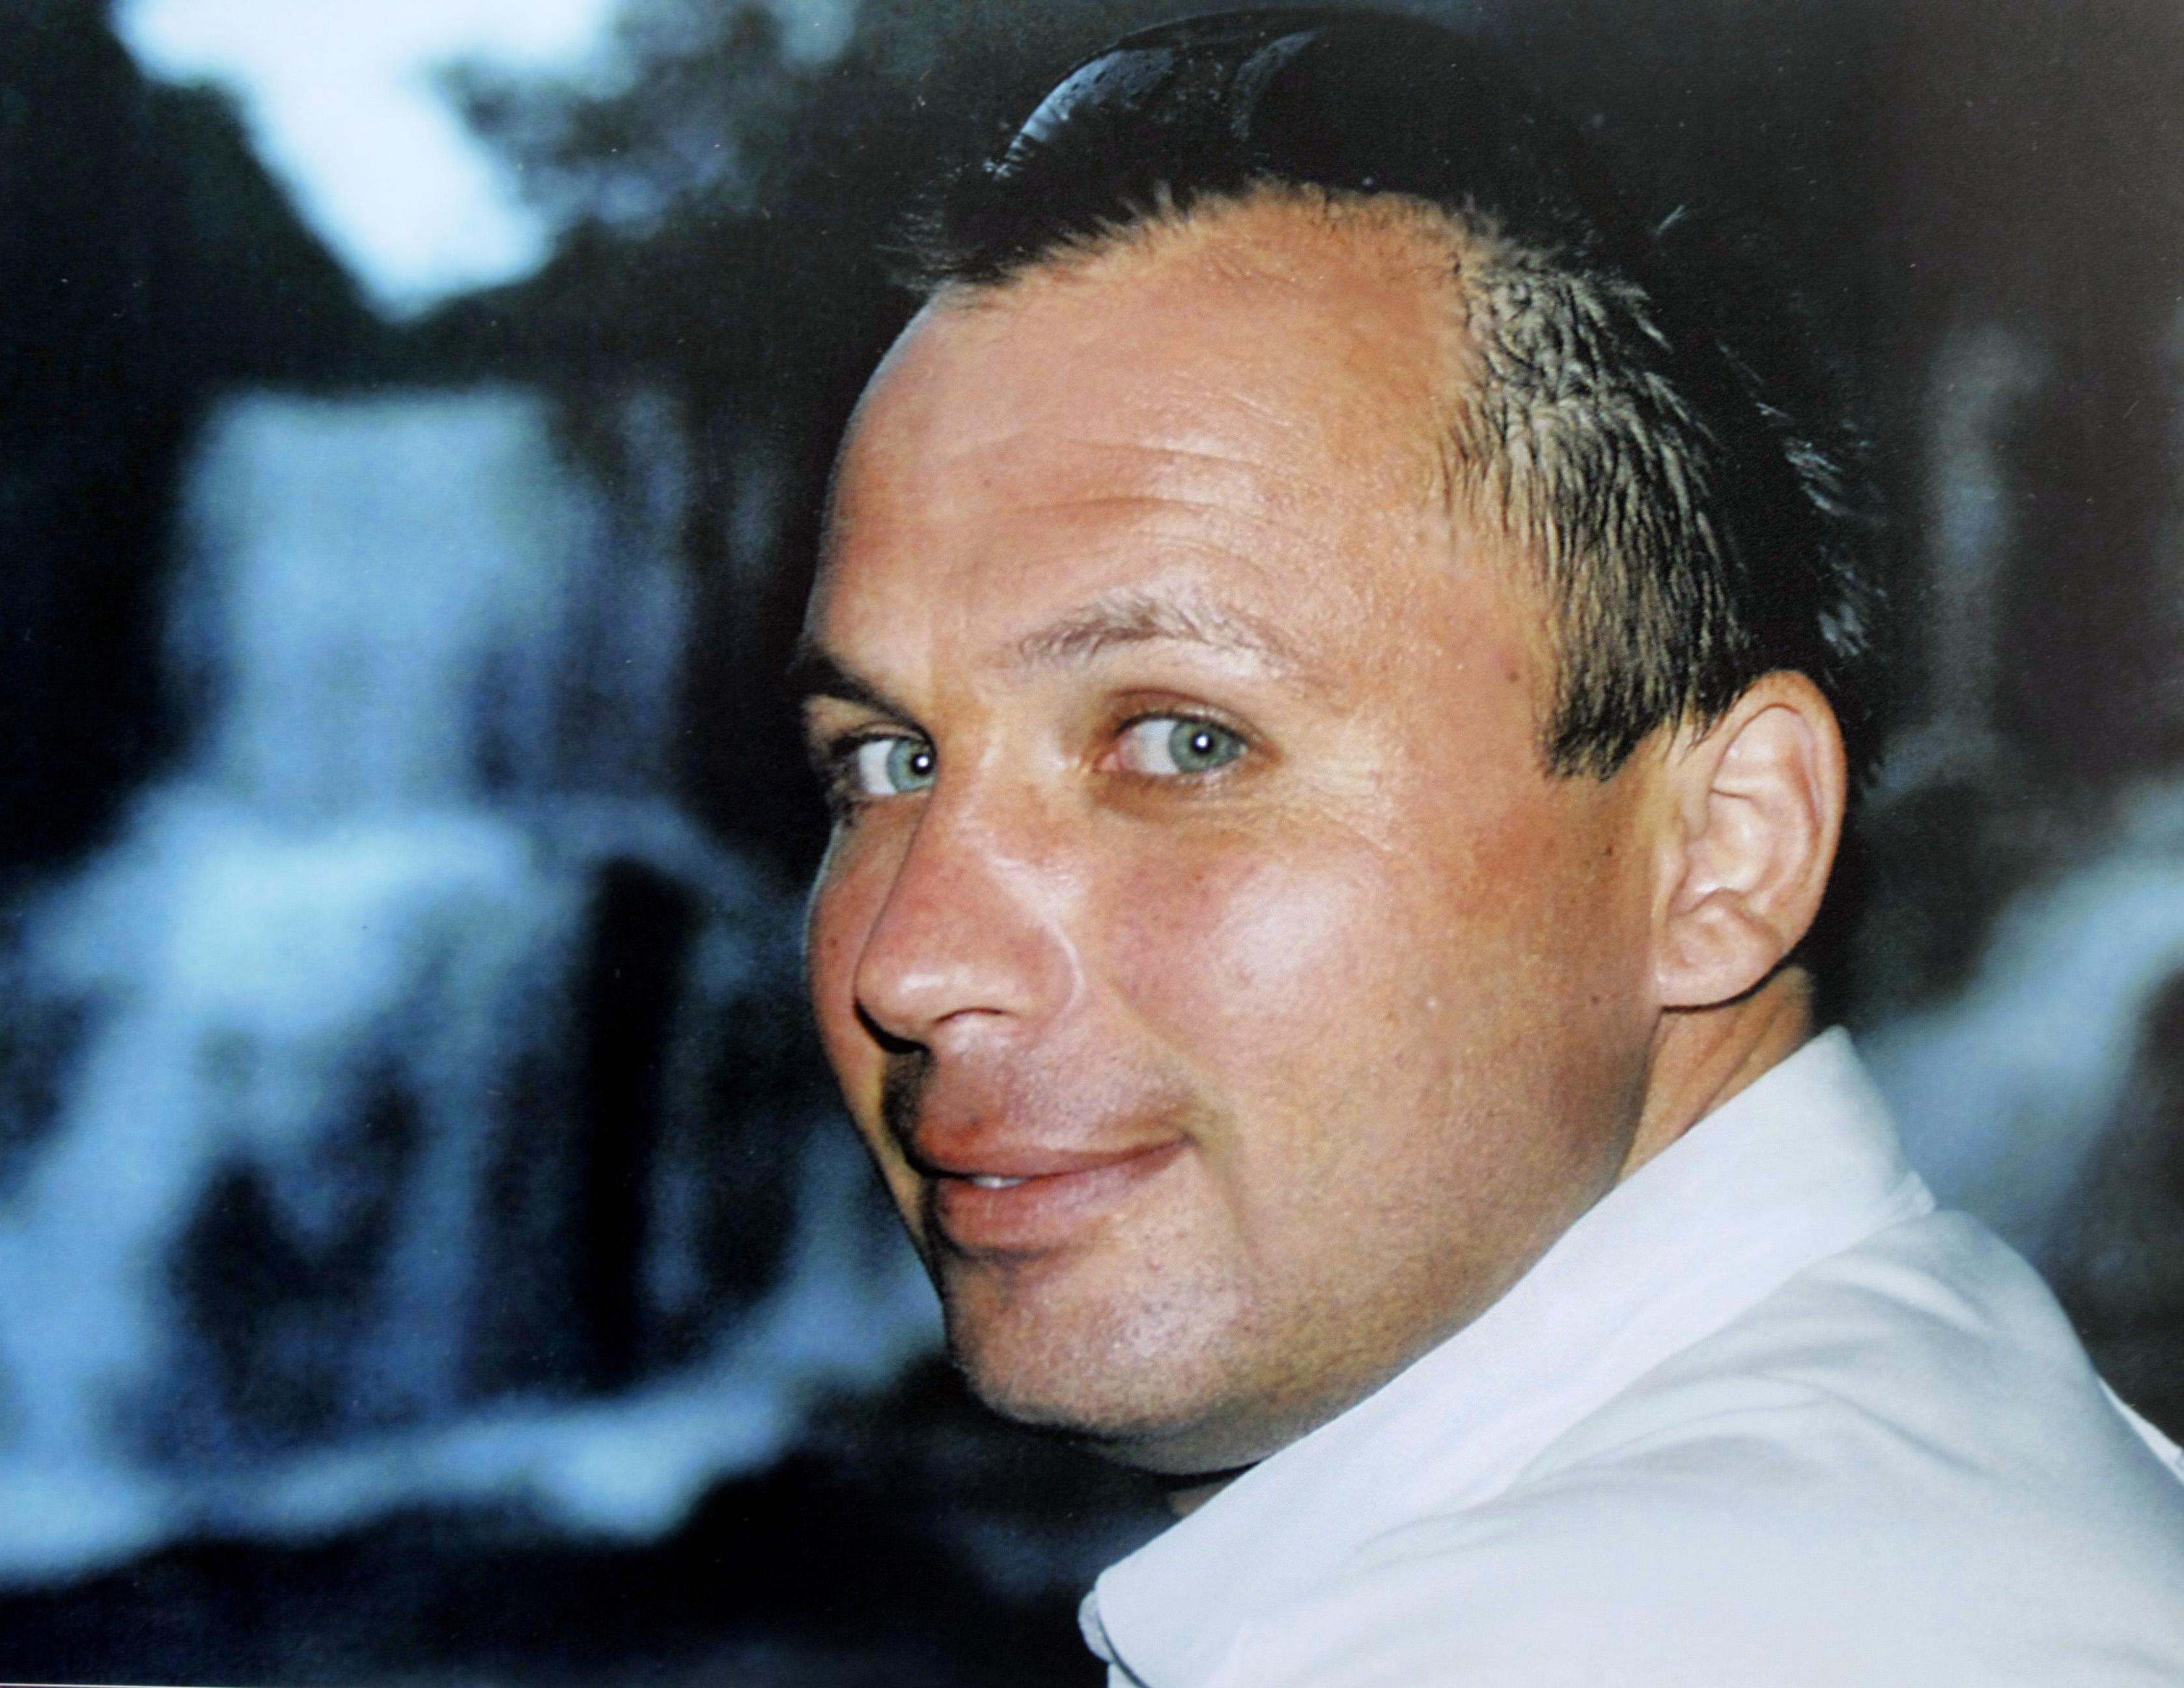 Освободят ли американцы русского летчика Ярошенко?